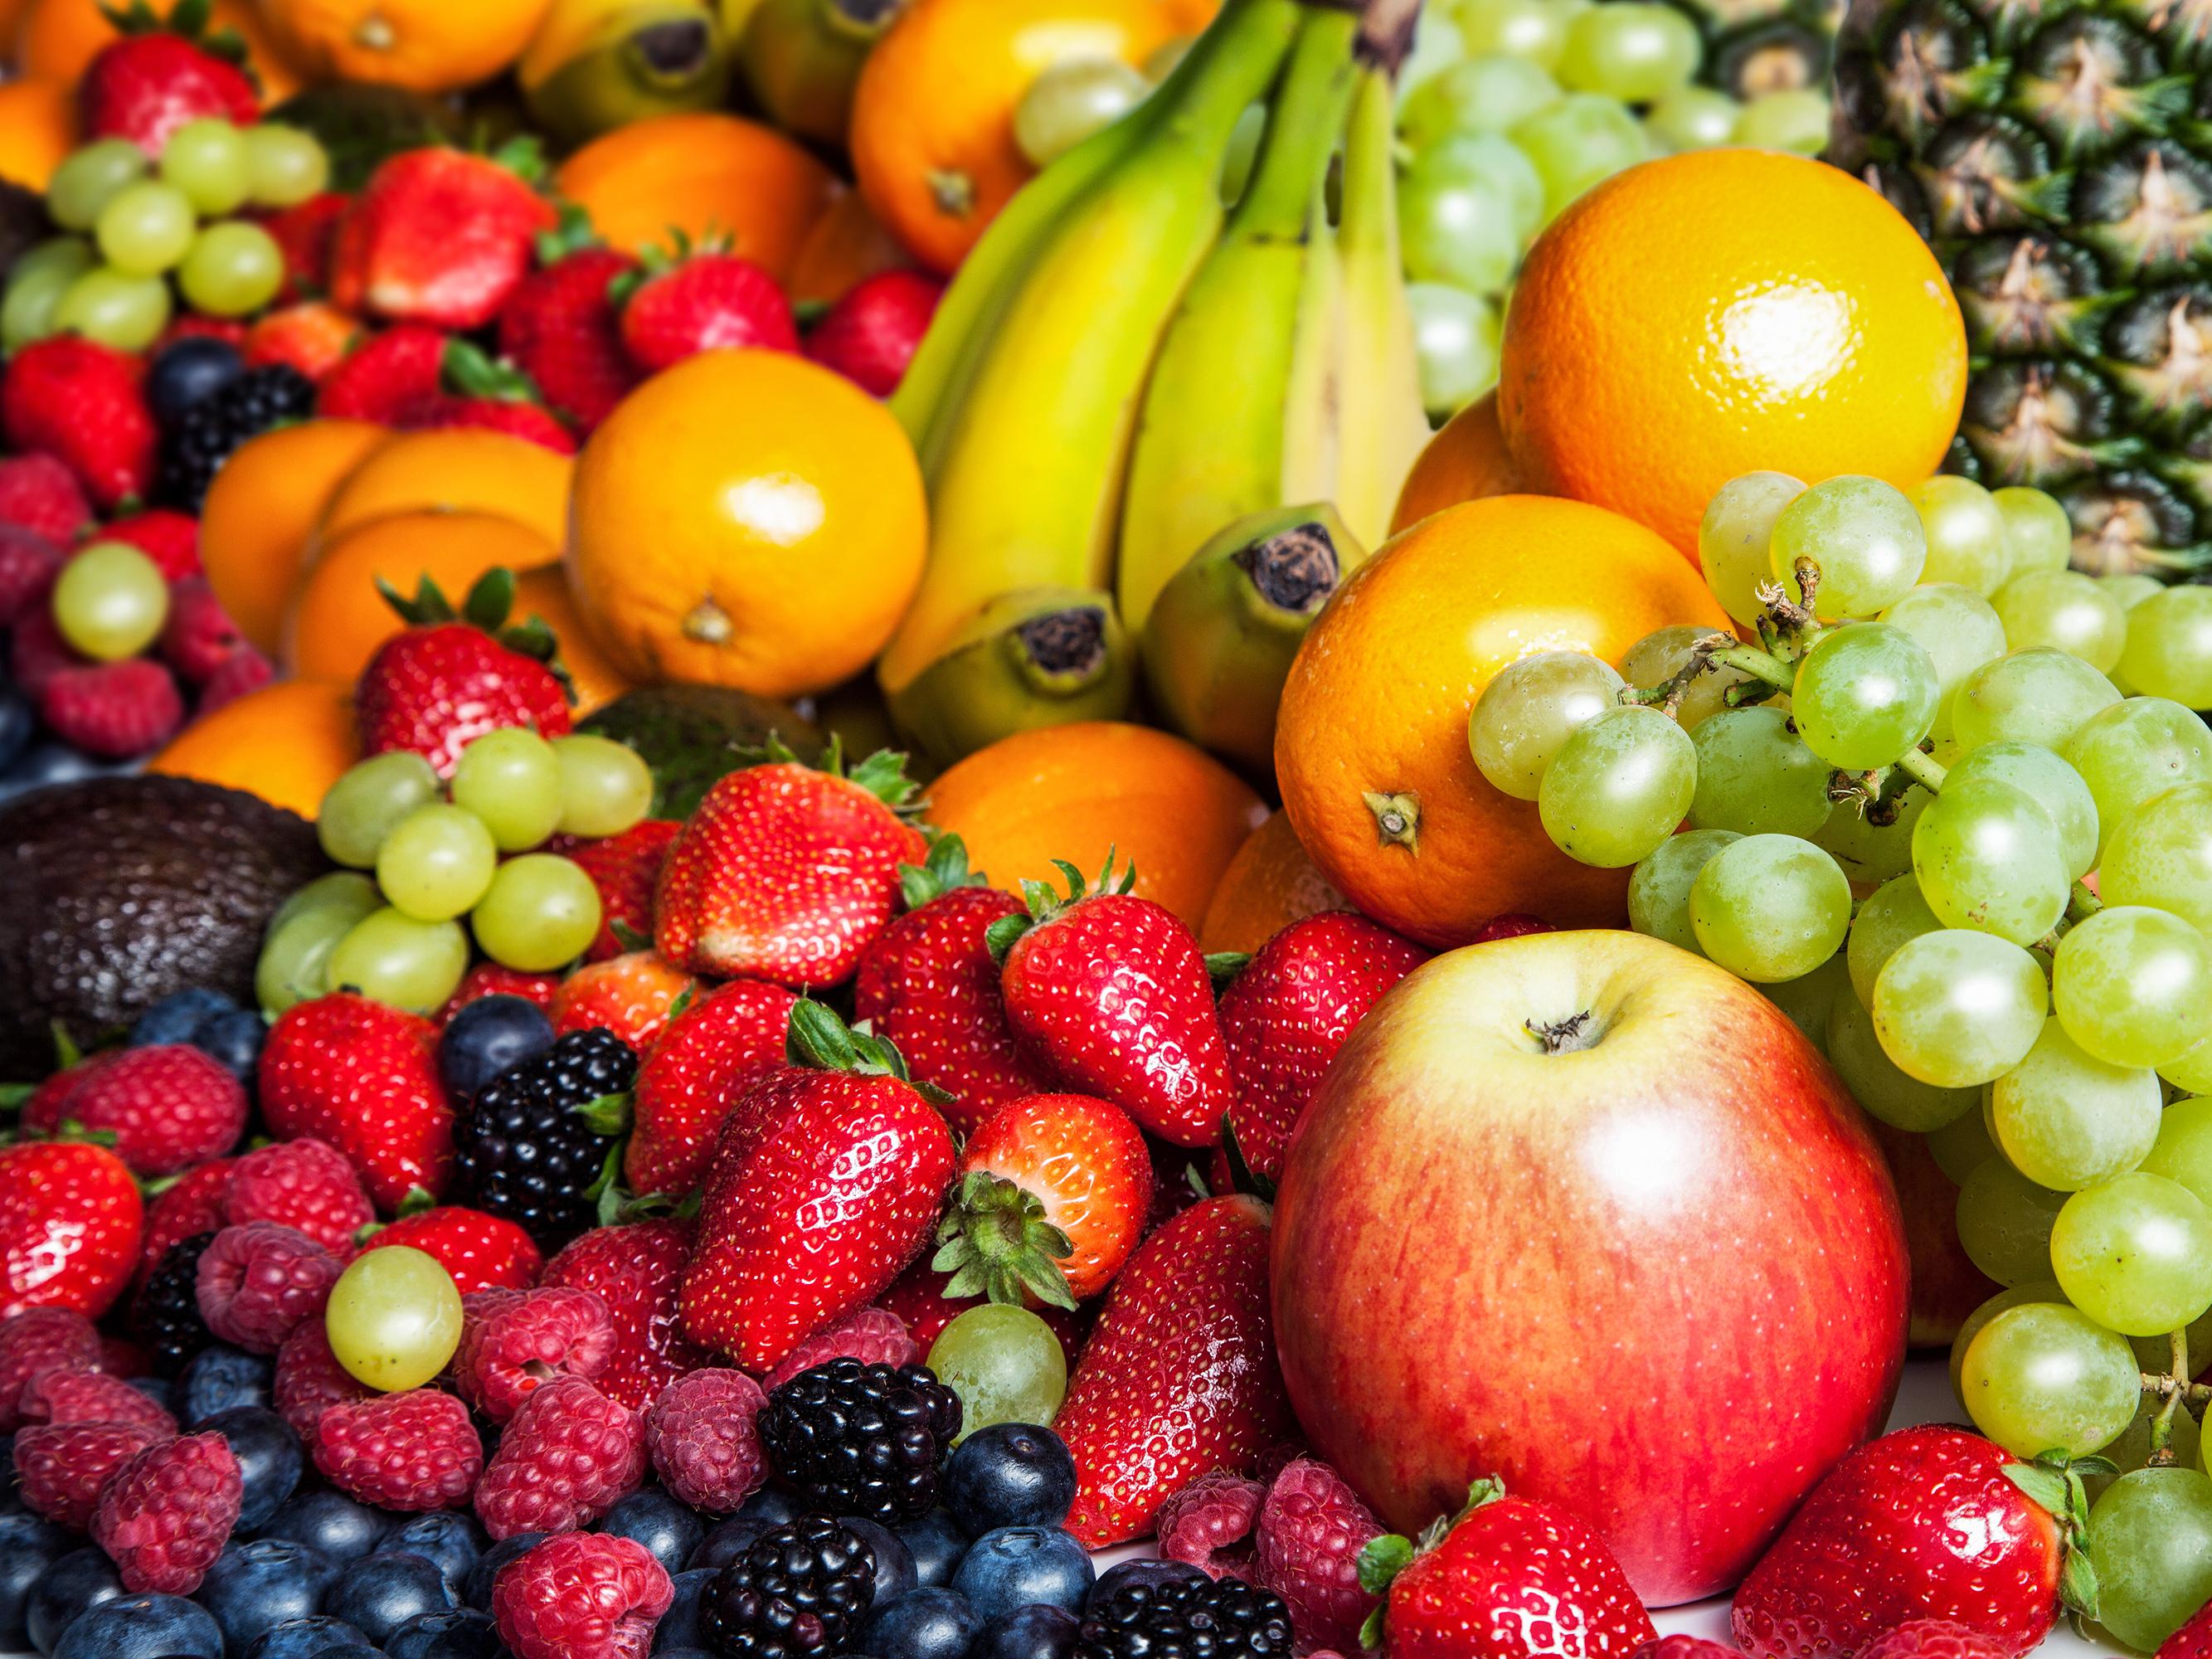 ঔষধি গুণে সমৃদ্ধ কাঁকরোলে ঠিক কি কি স্বাস্থ্যগুণ রয়েছে, জানেন কি (Health Benefits OfSpiny Gourd) ?